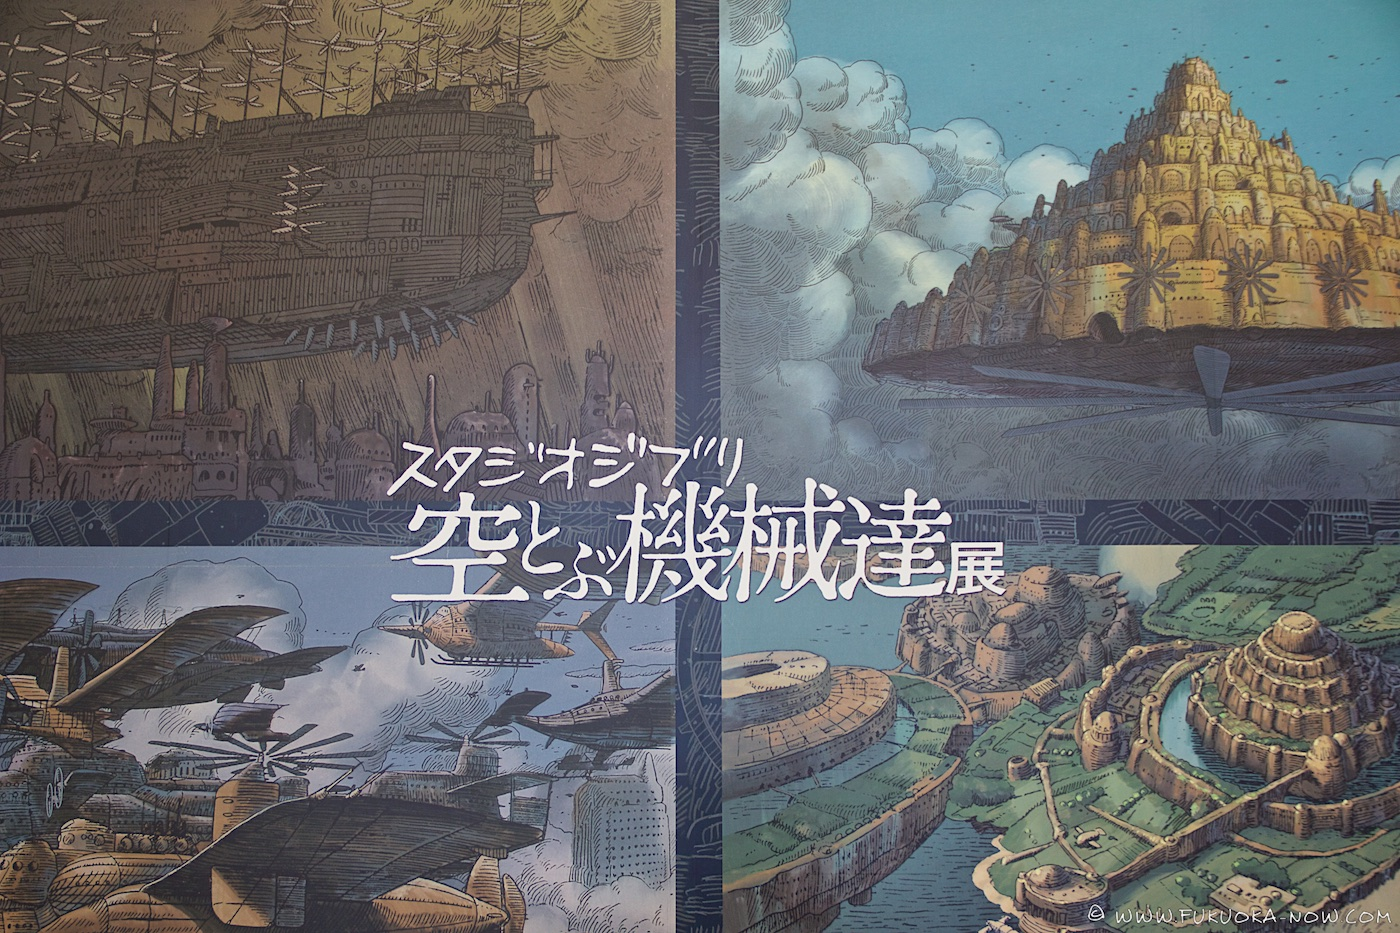 The Ghibli Expo - From Nausicaä to Marnie: Fukuoka 2019